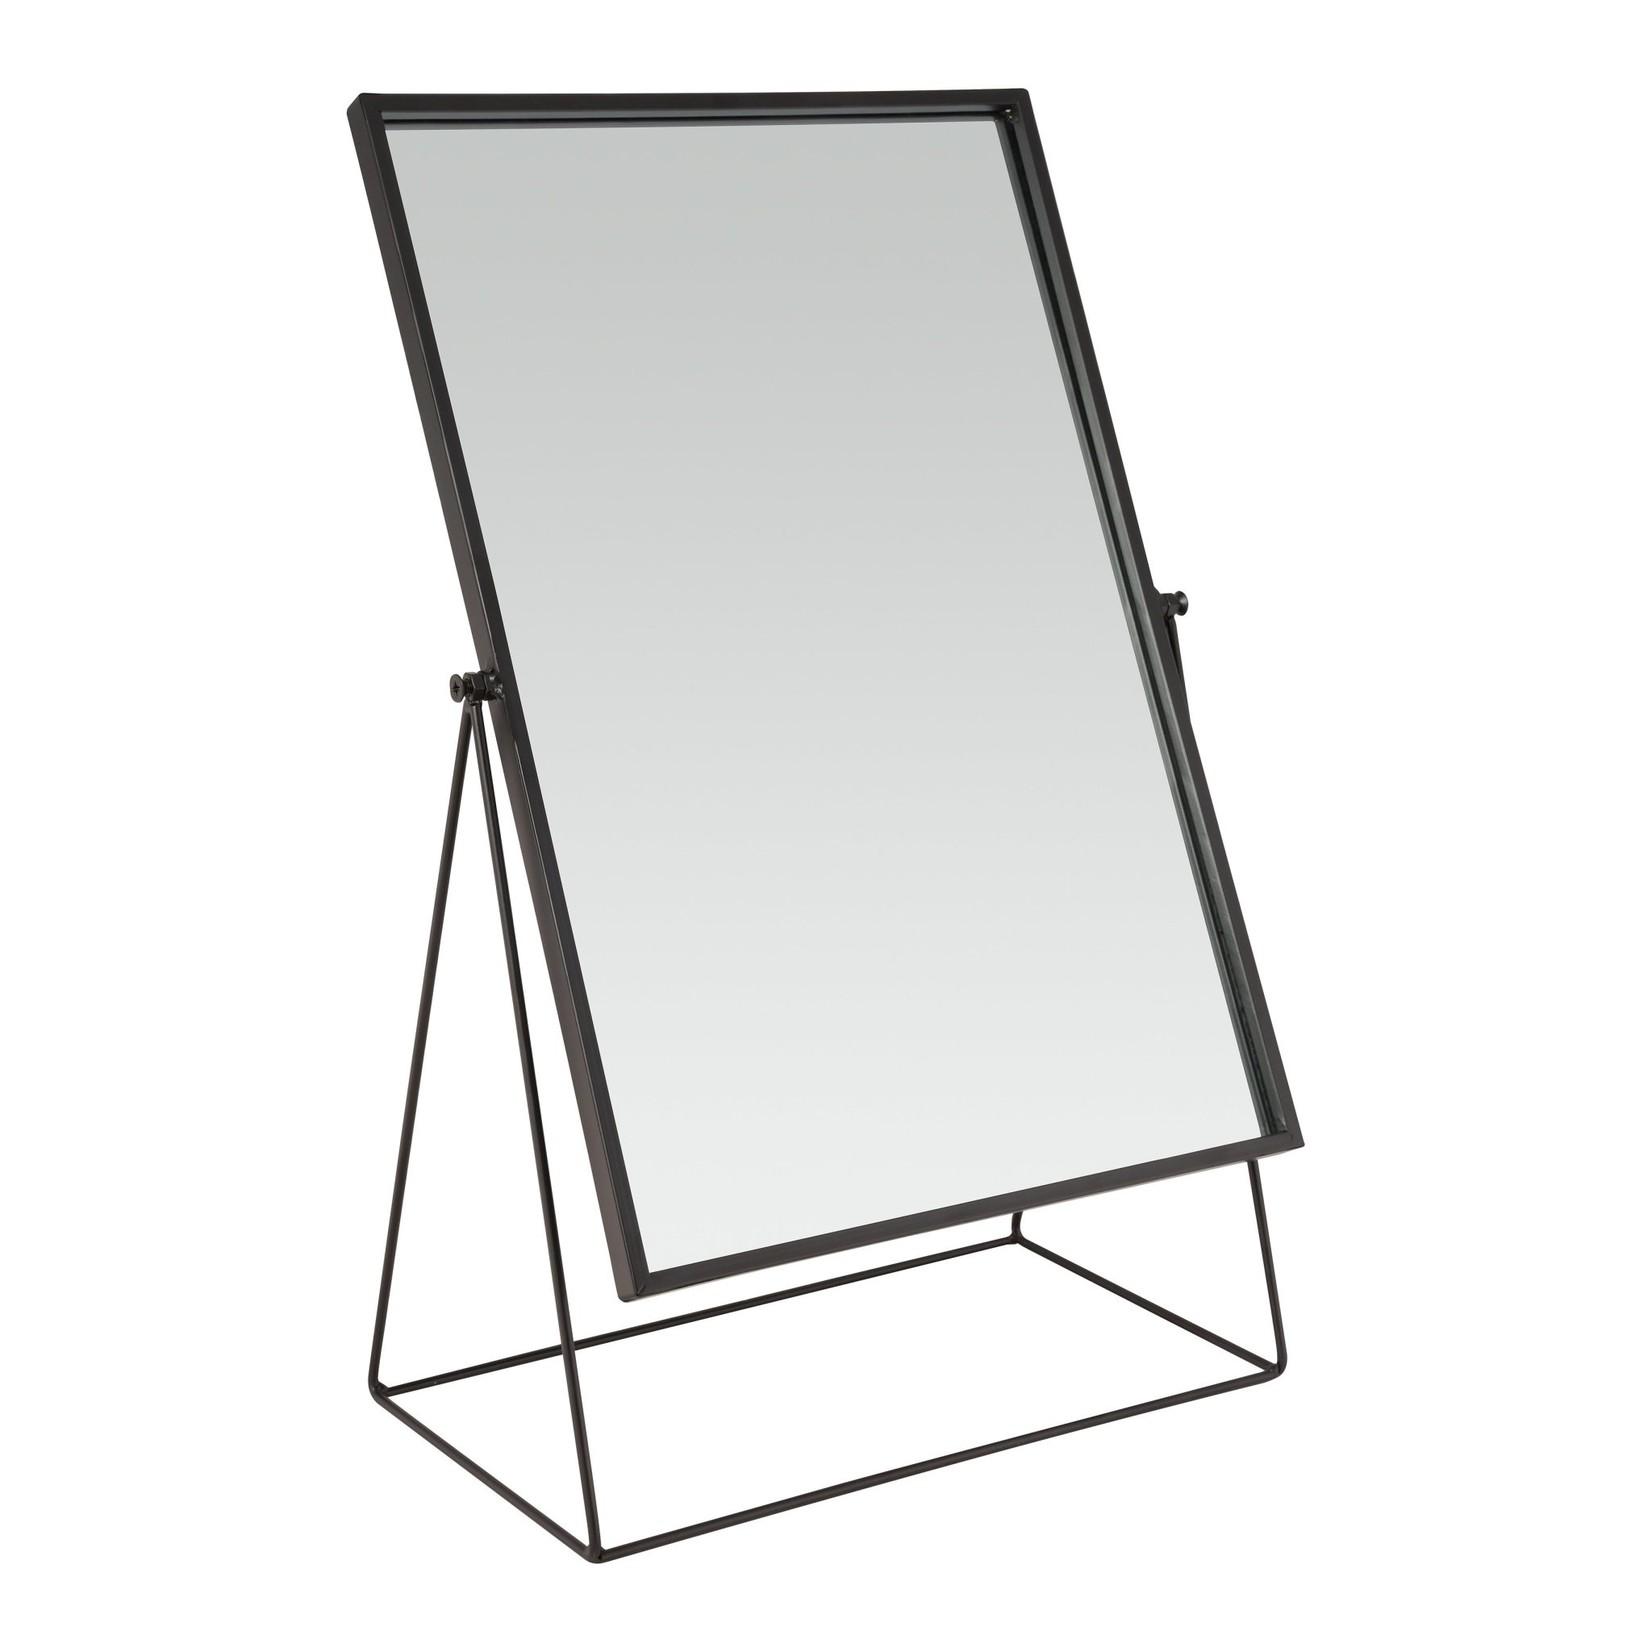 vtwonen Vtwonen Mirror Rectangular on Stand Black 33x53.5x17cm